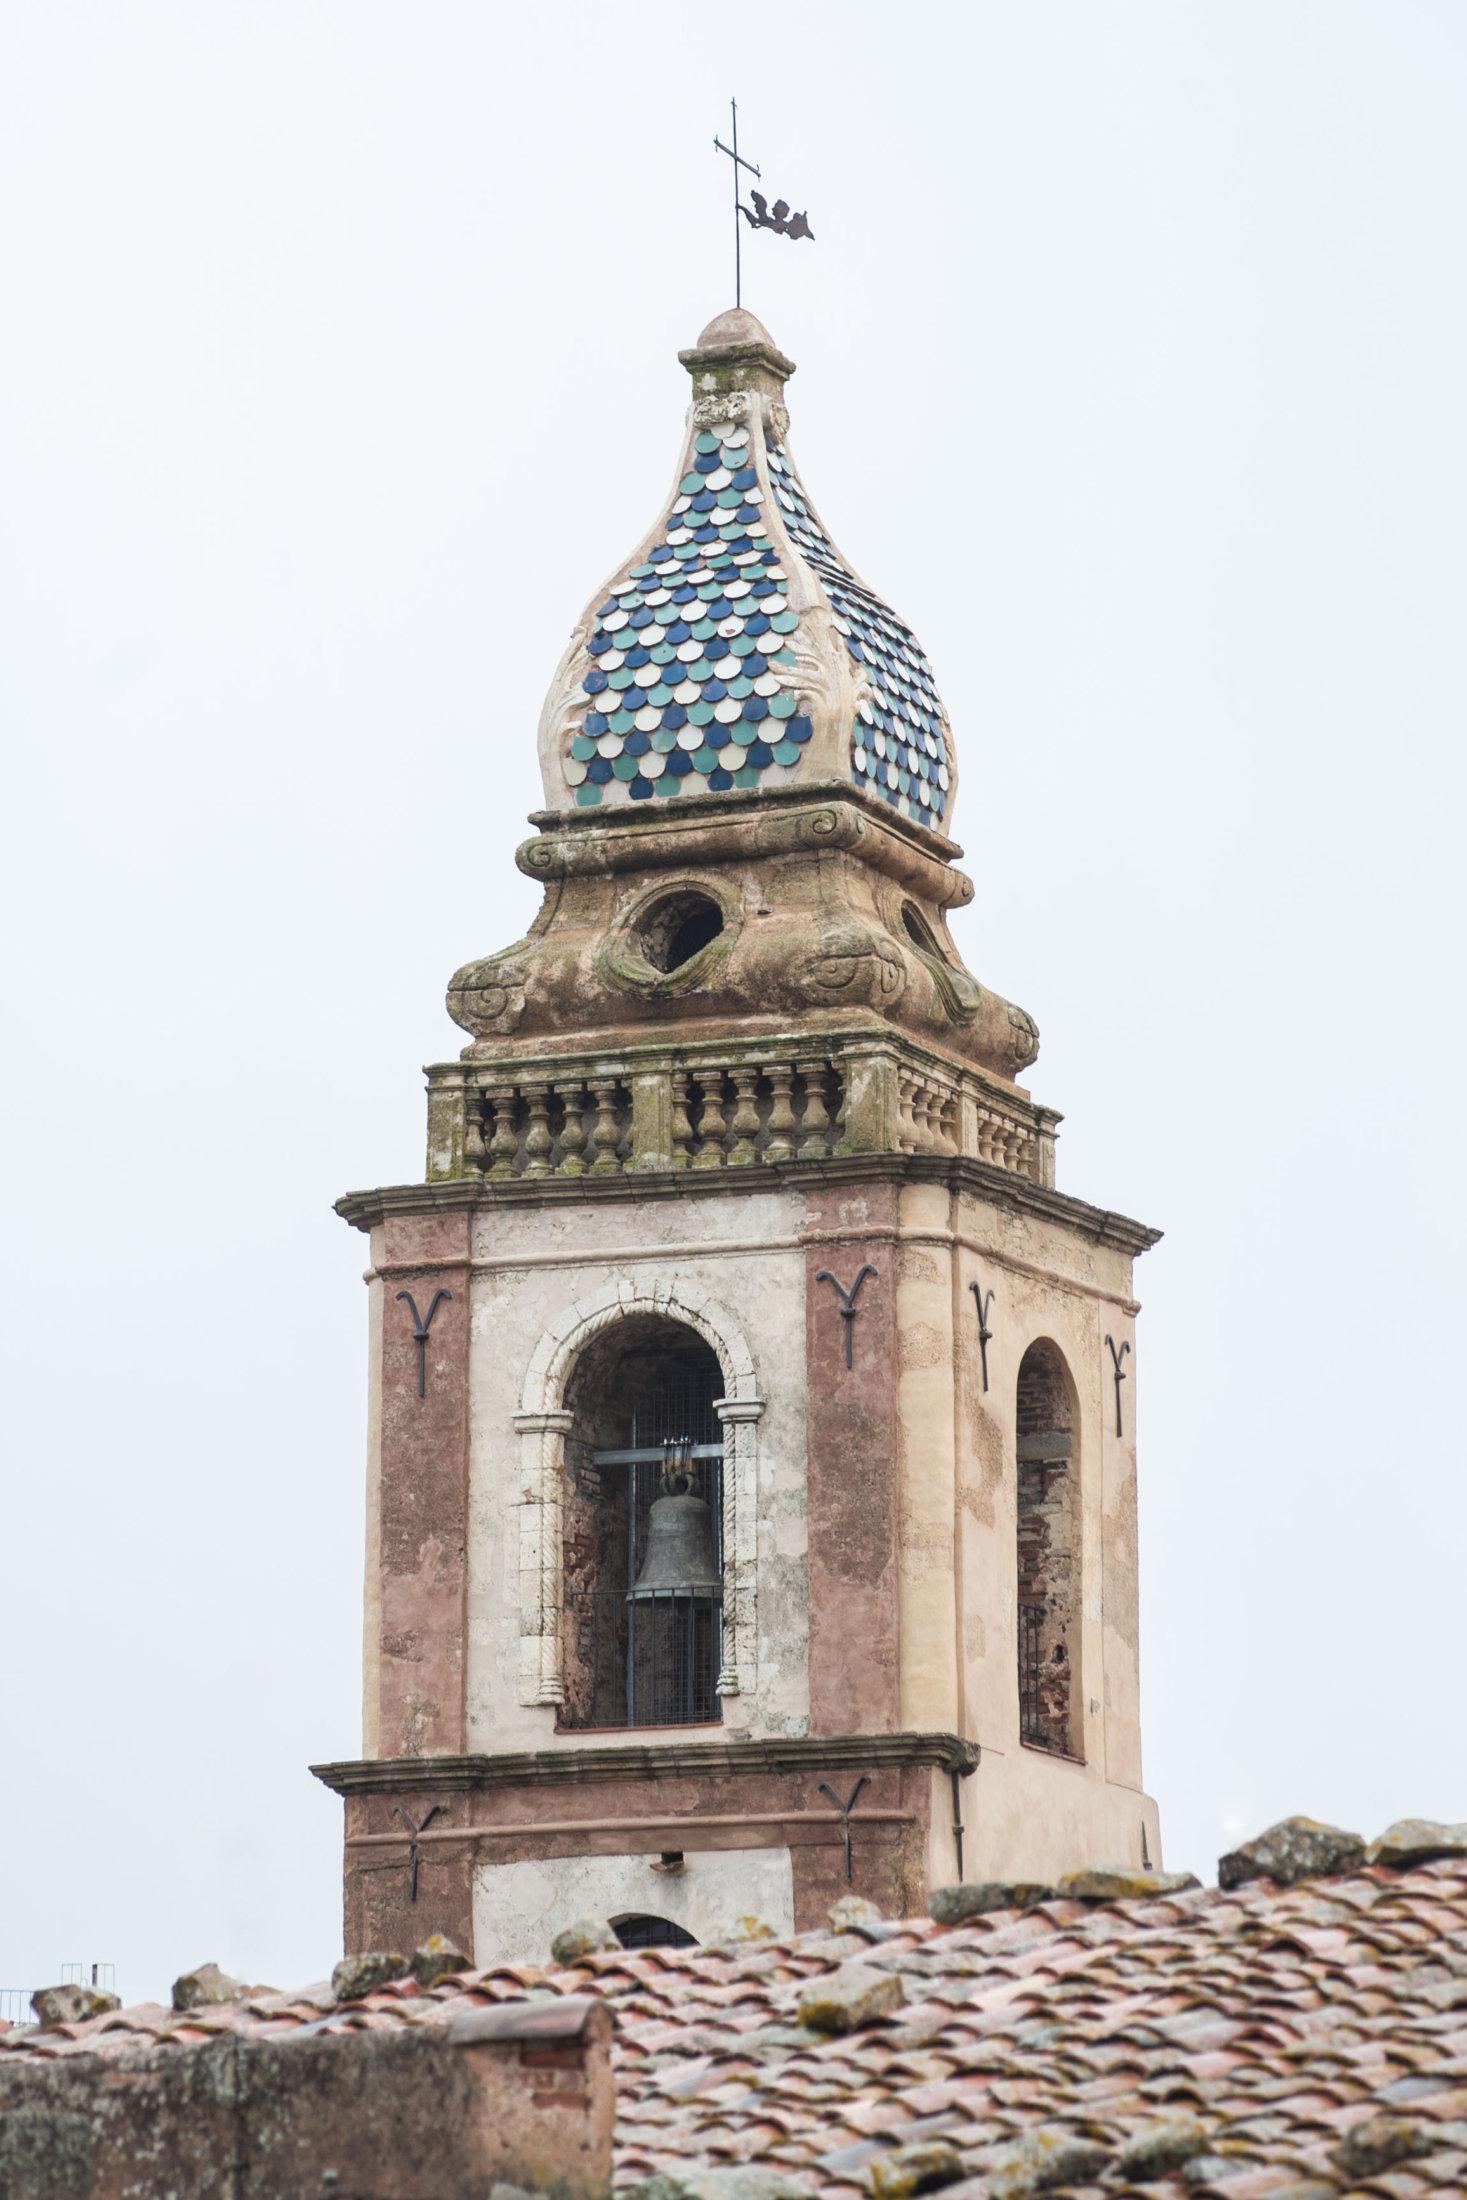 Particolare del campanile con tessere in maiolica